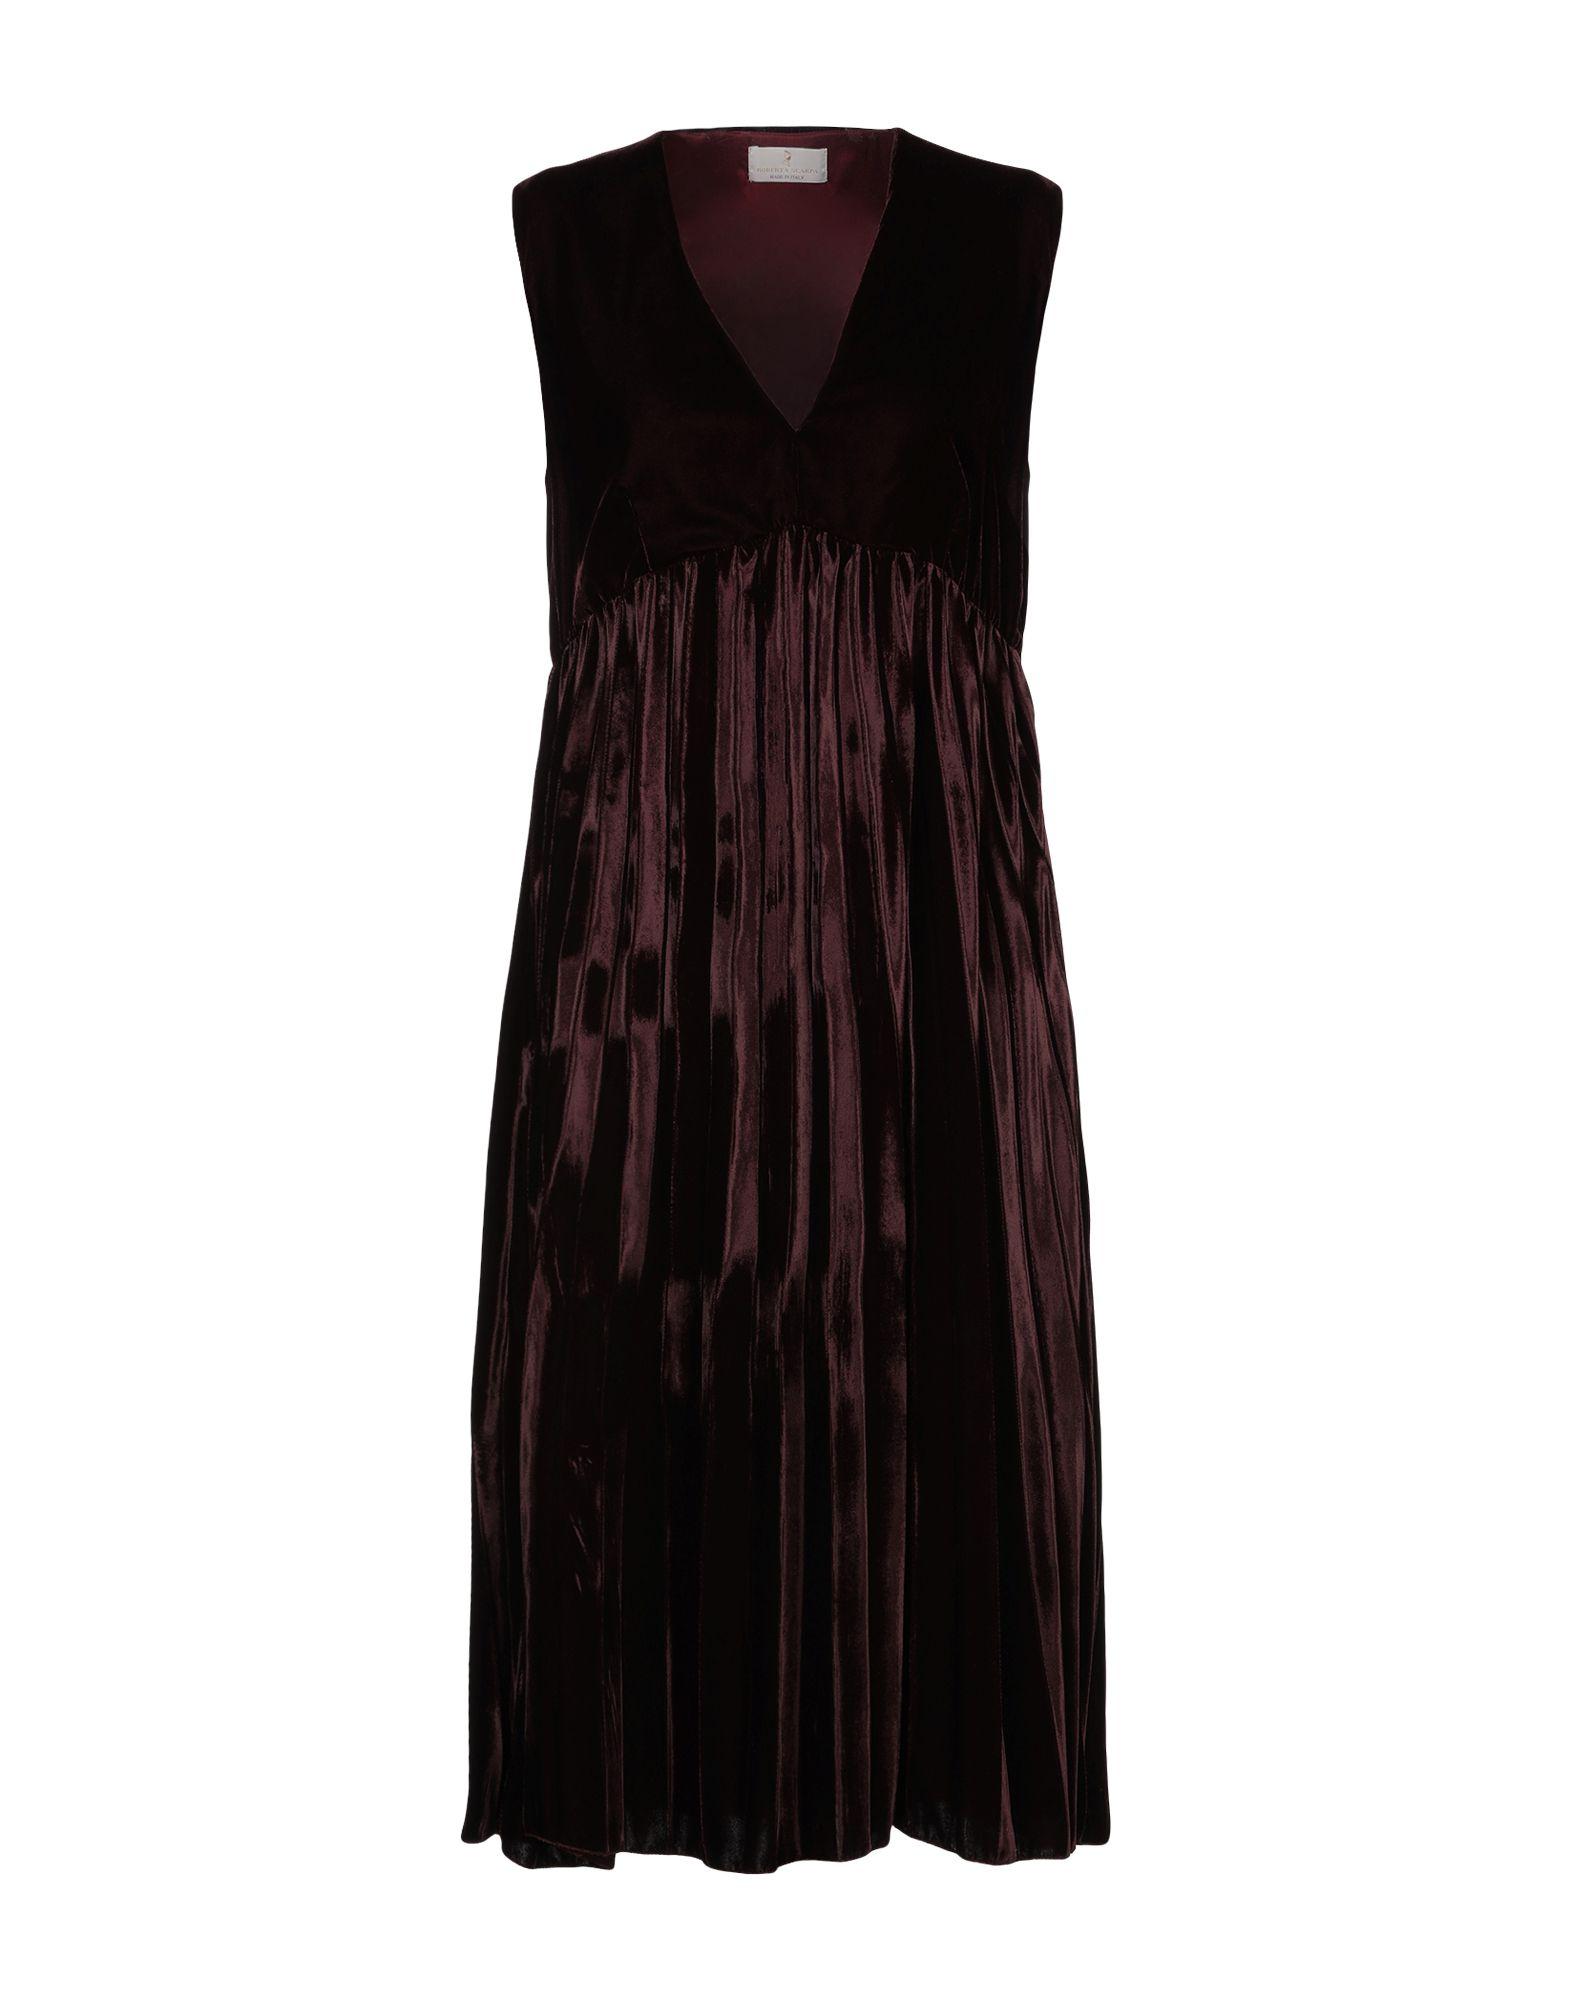 ROBERTA SCARPA Платье длиной 3/4 недорго, оригинальная цена